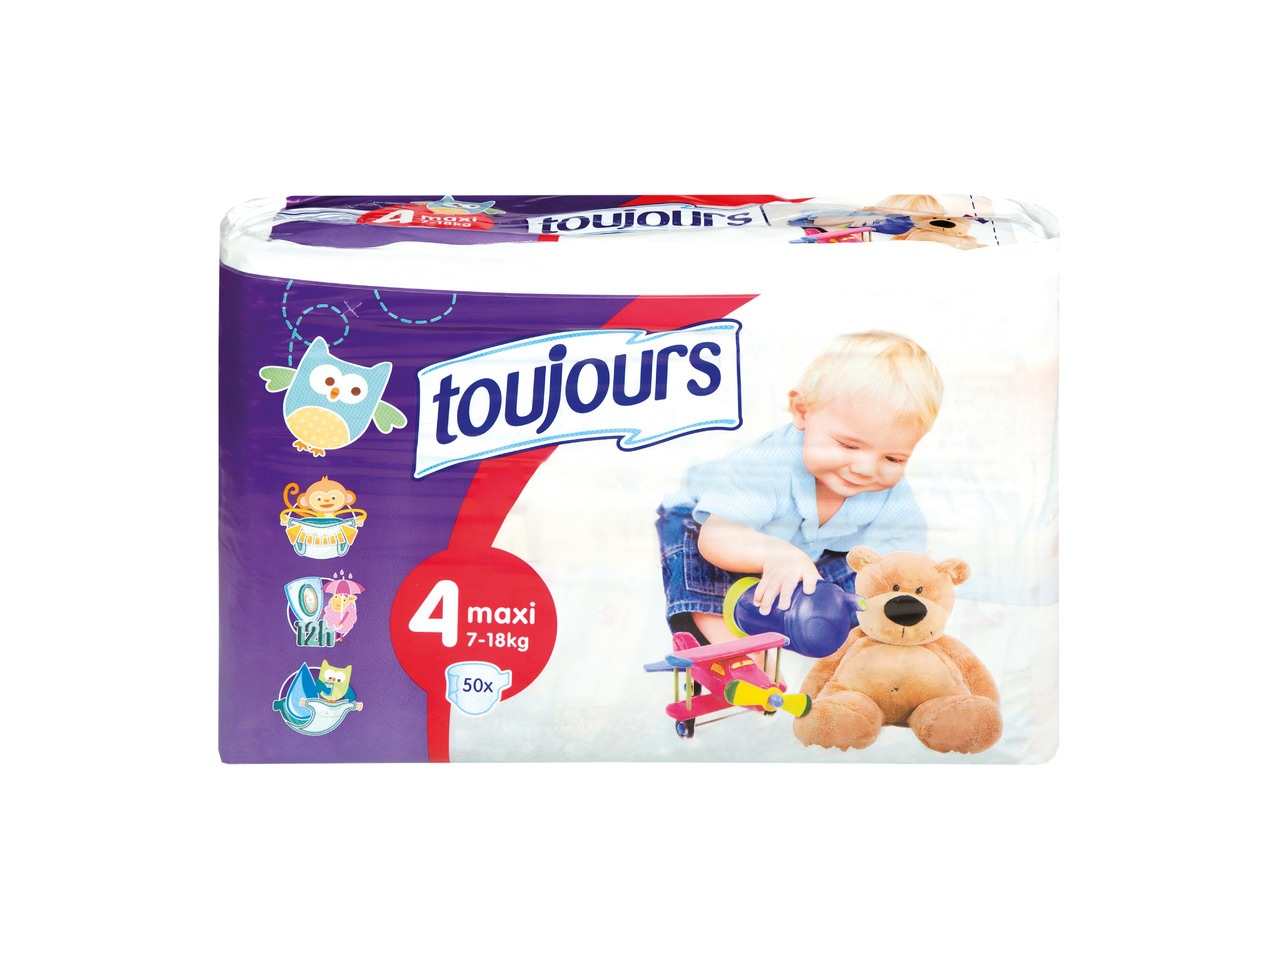 Jednorázové dětské plenky Lidl Toujours